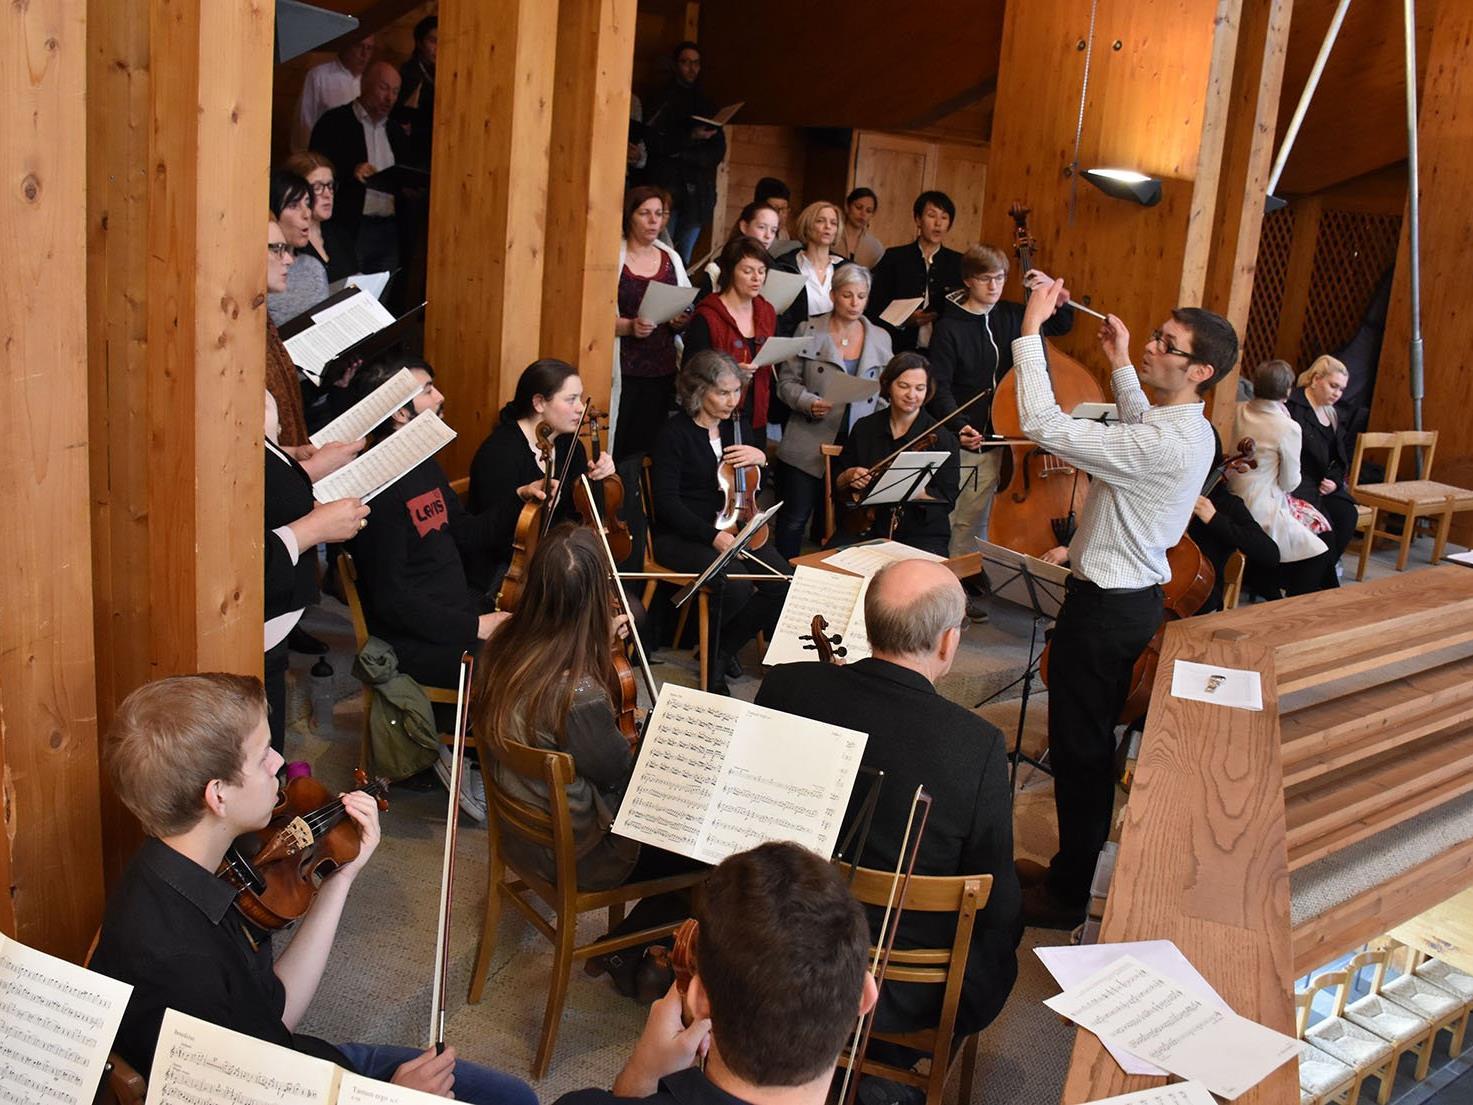 Kirchenchor und Orchester der Pfarre Frastanz (Dankmesse zum Ende der Wintersaison 2015/2016 in der Neuen Pfarrkirche Lech)